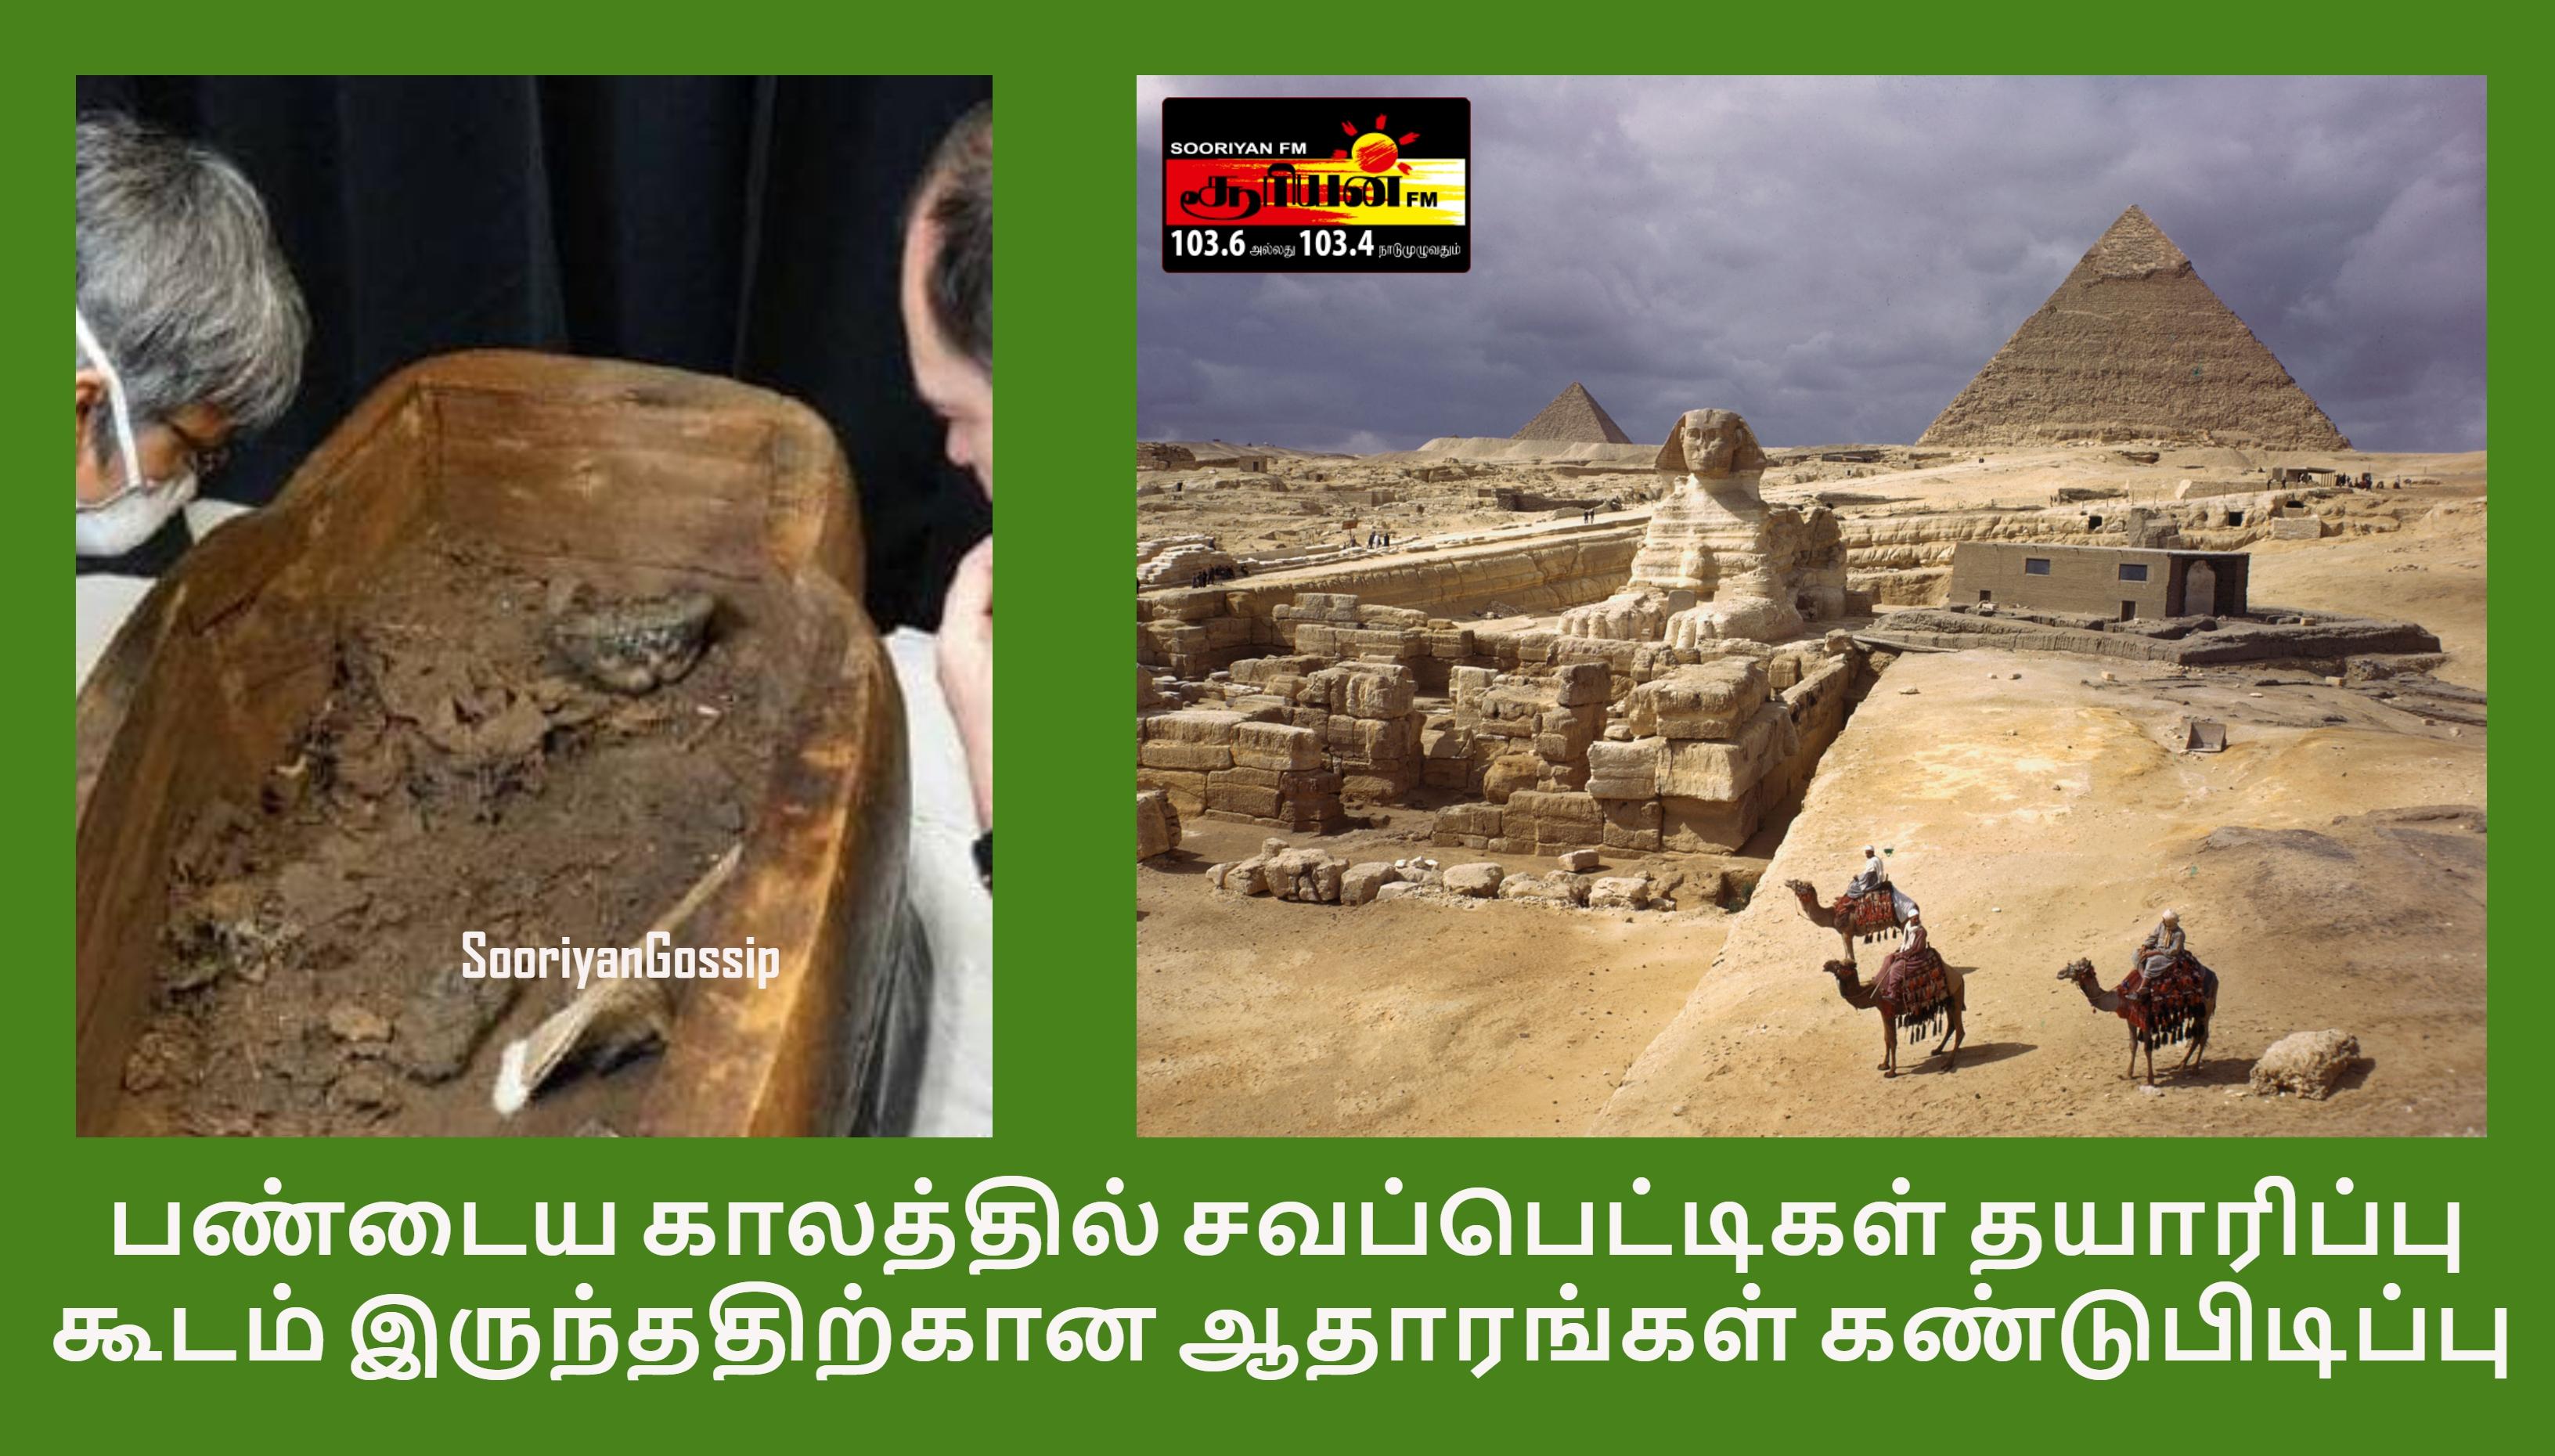 பண்டைய காலத்தில் சவப்பெட்டிகள் தயாரிப்பு கூடம் இருந்ததிற்கான ஆதாரங்கள் கண்டுபிடிப்பு